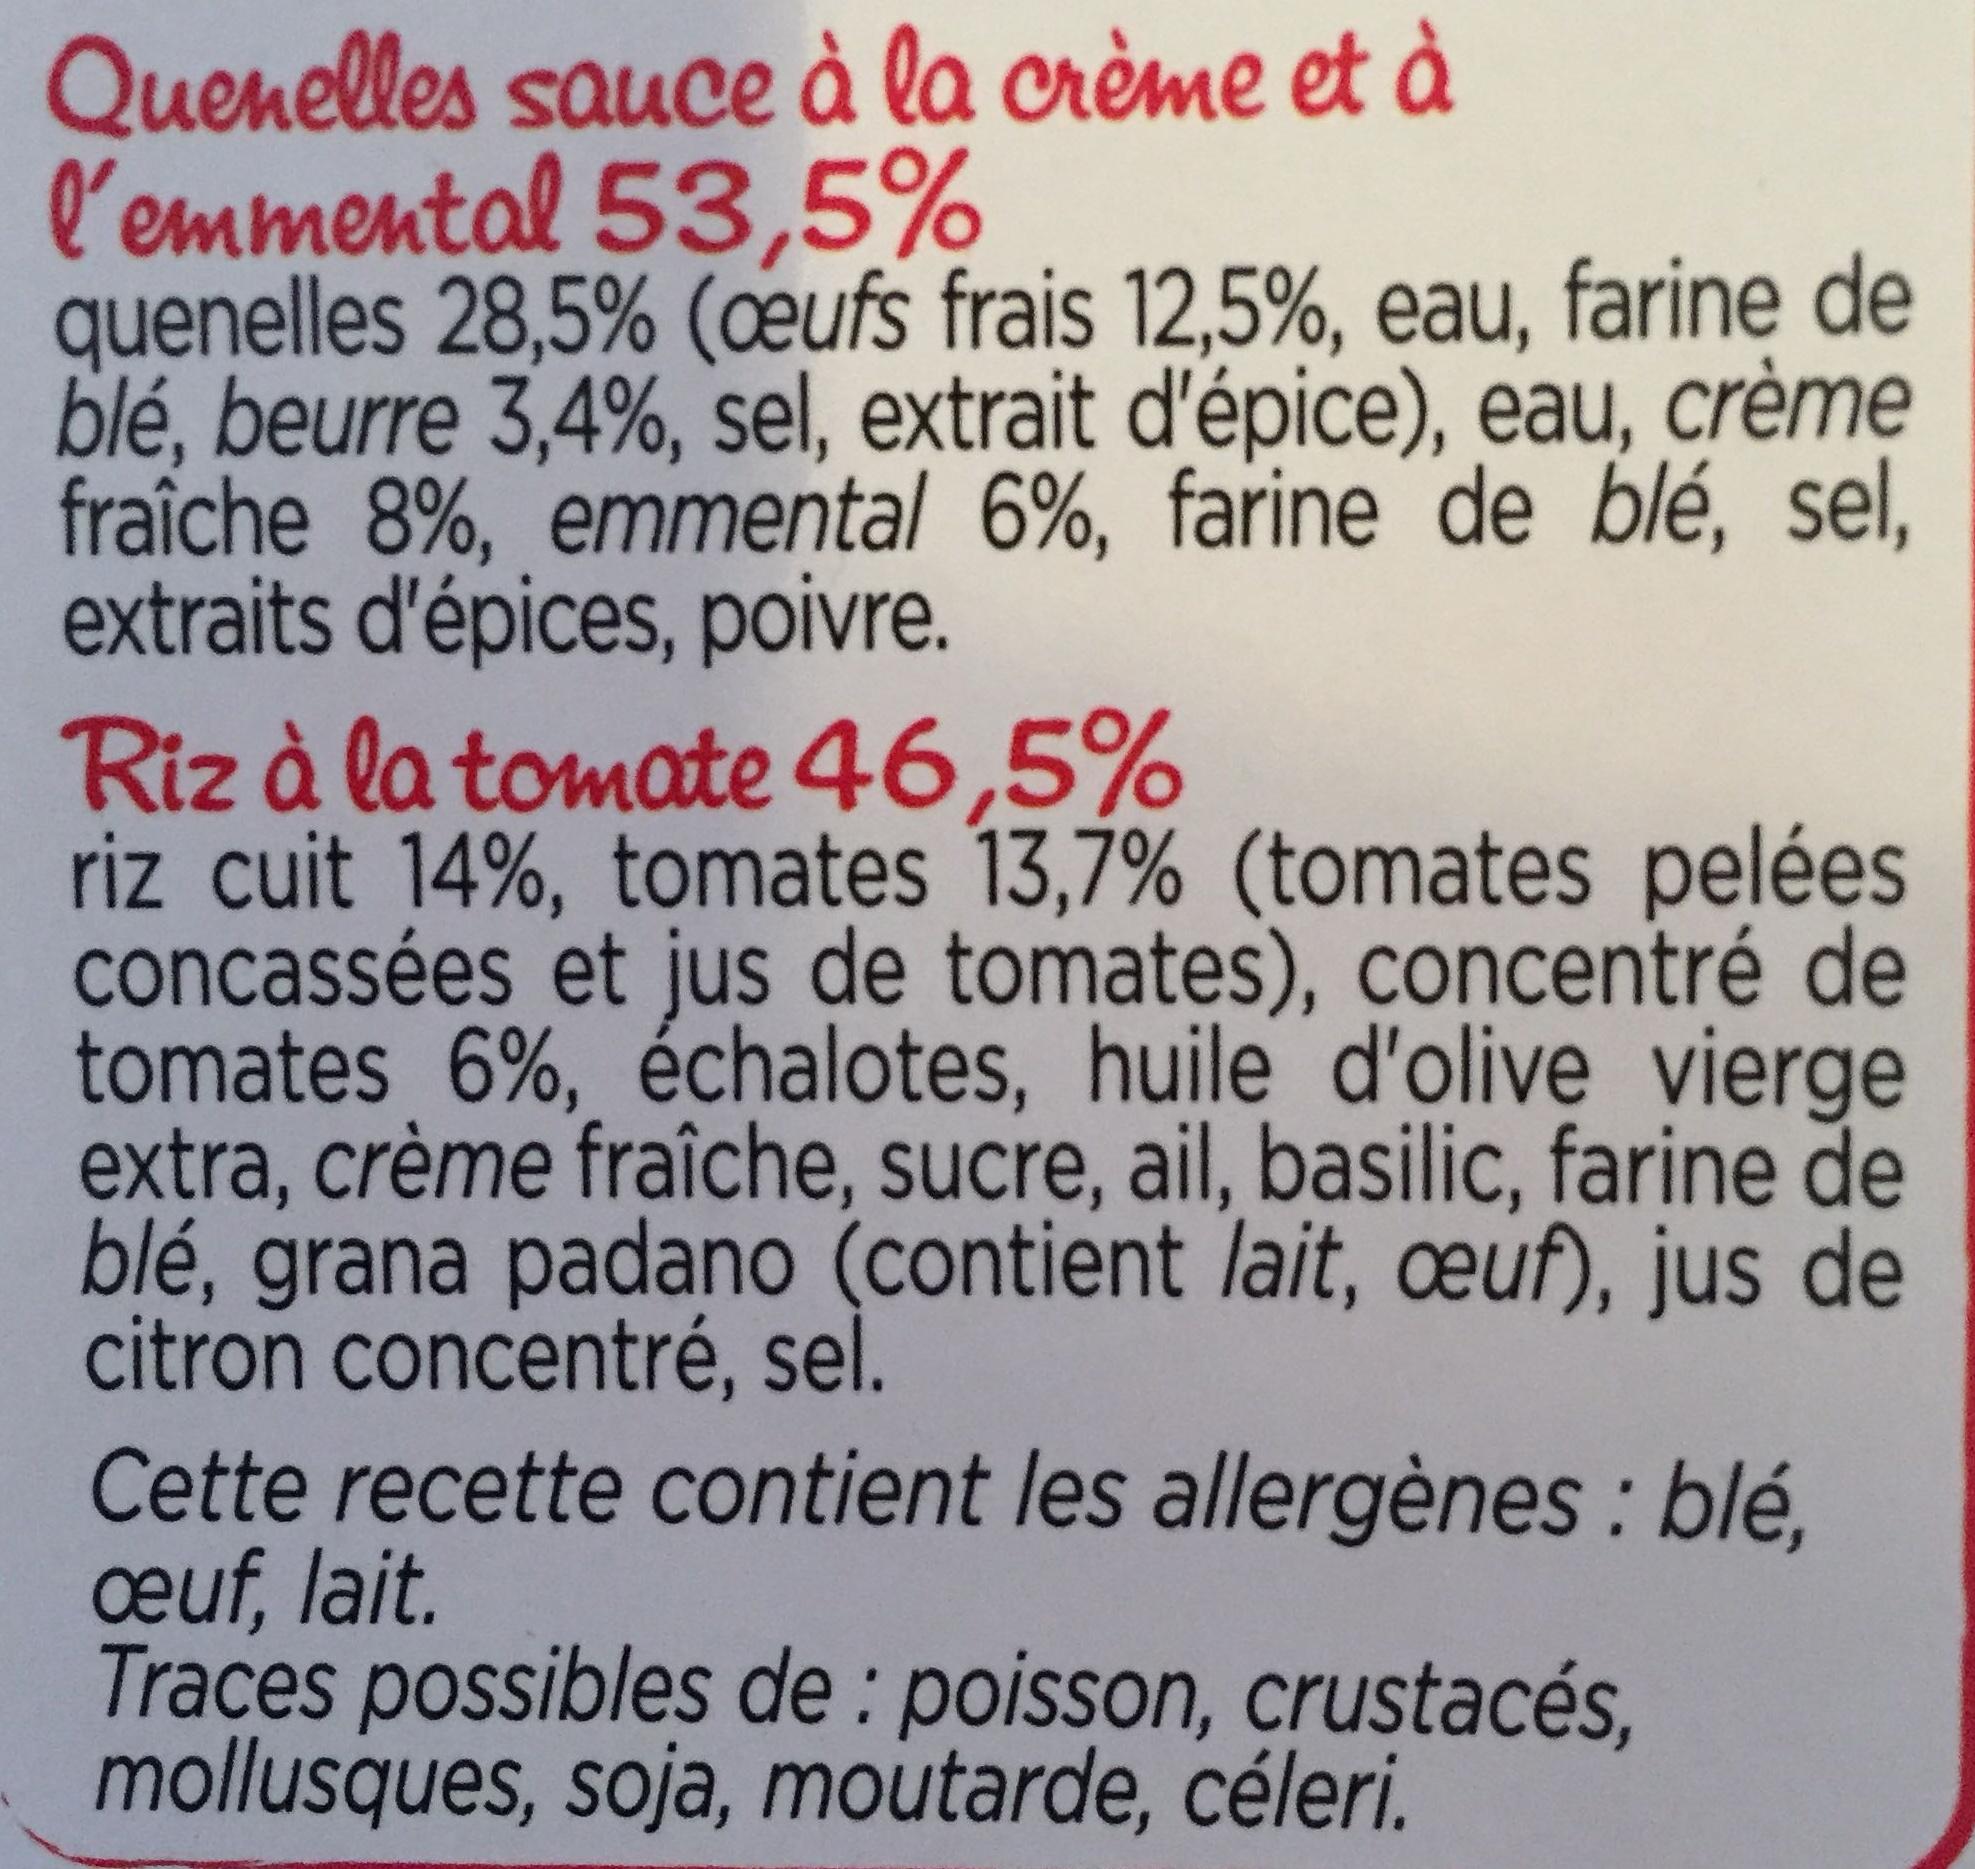 Quenelles, sauce à la Crème et à l'Emmental, Riz à la tomate - Ingrédients - fr